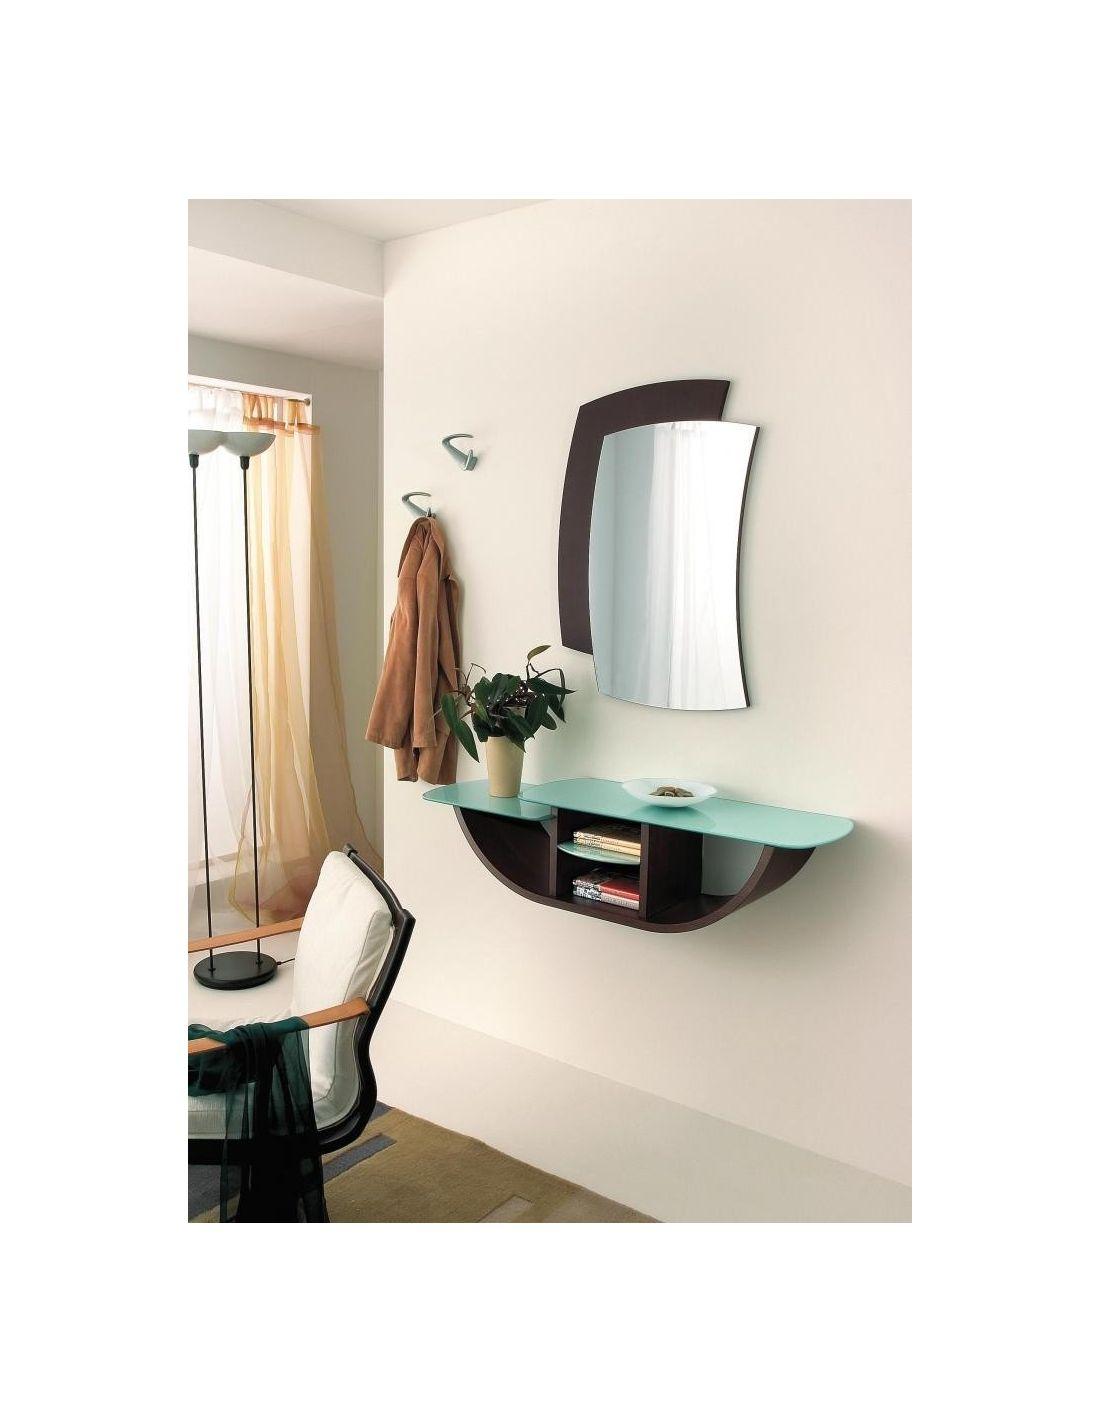 Yannick composizione per ingresso con consolle specchio appendiabiti - Mobili per entrate moderne ...